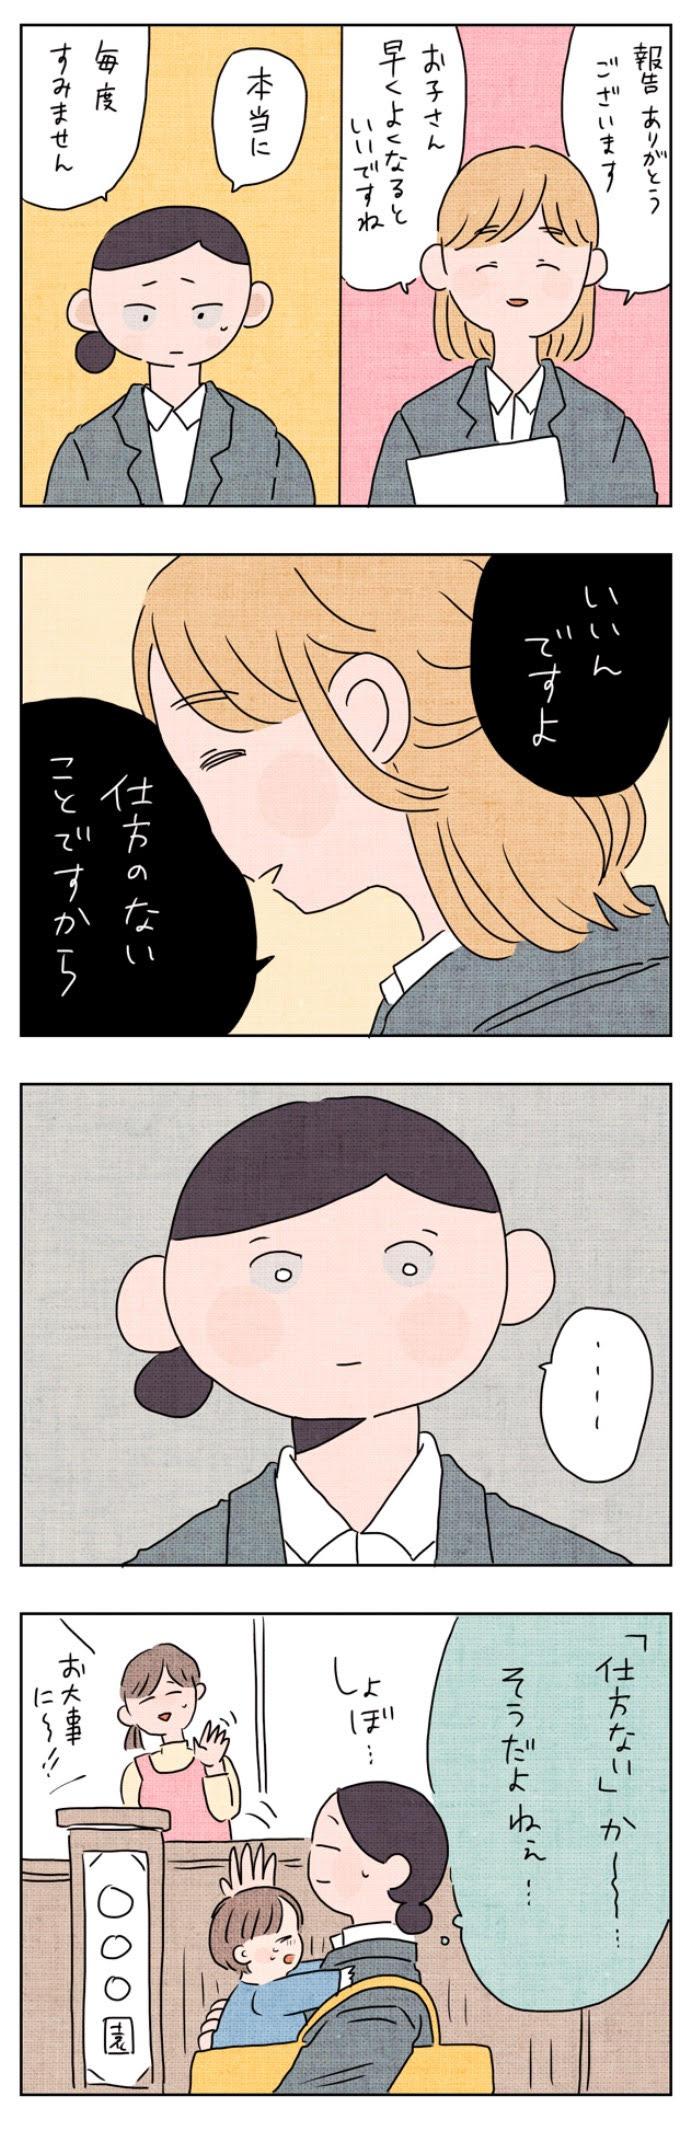 【連載】ママでも夢見ていいですか?~4児の母の挑戦記録~第7話2